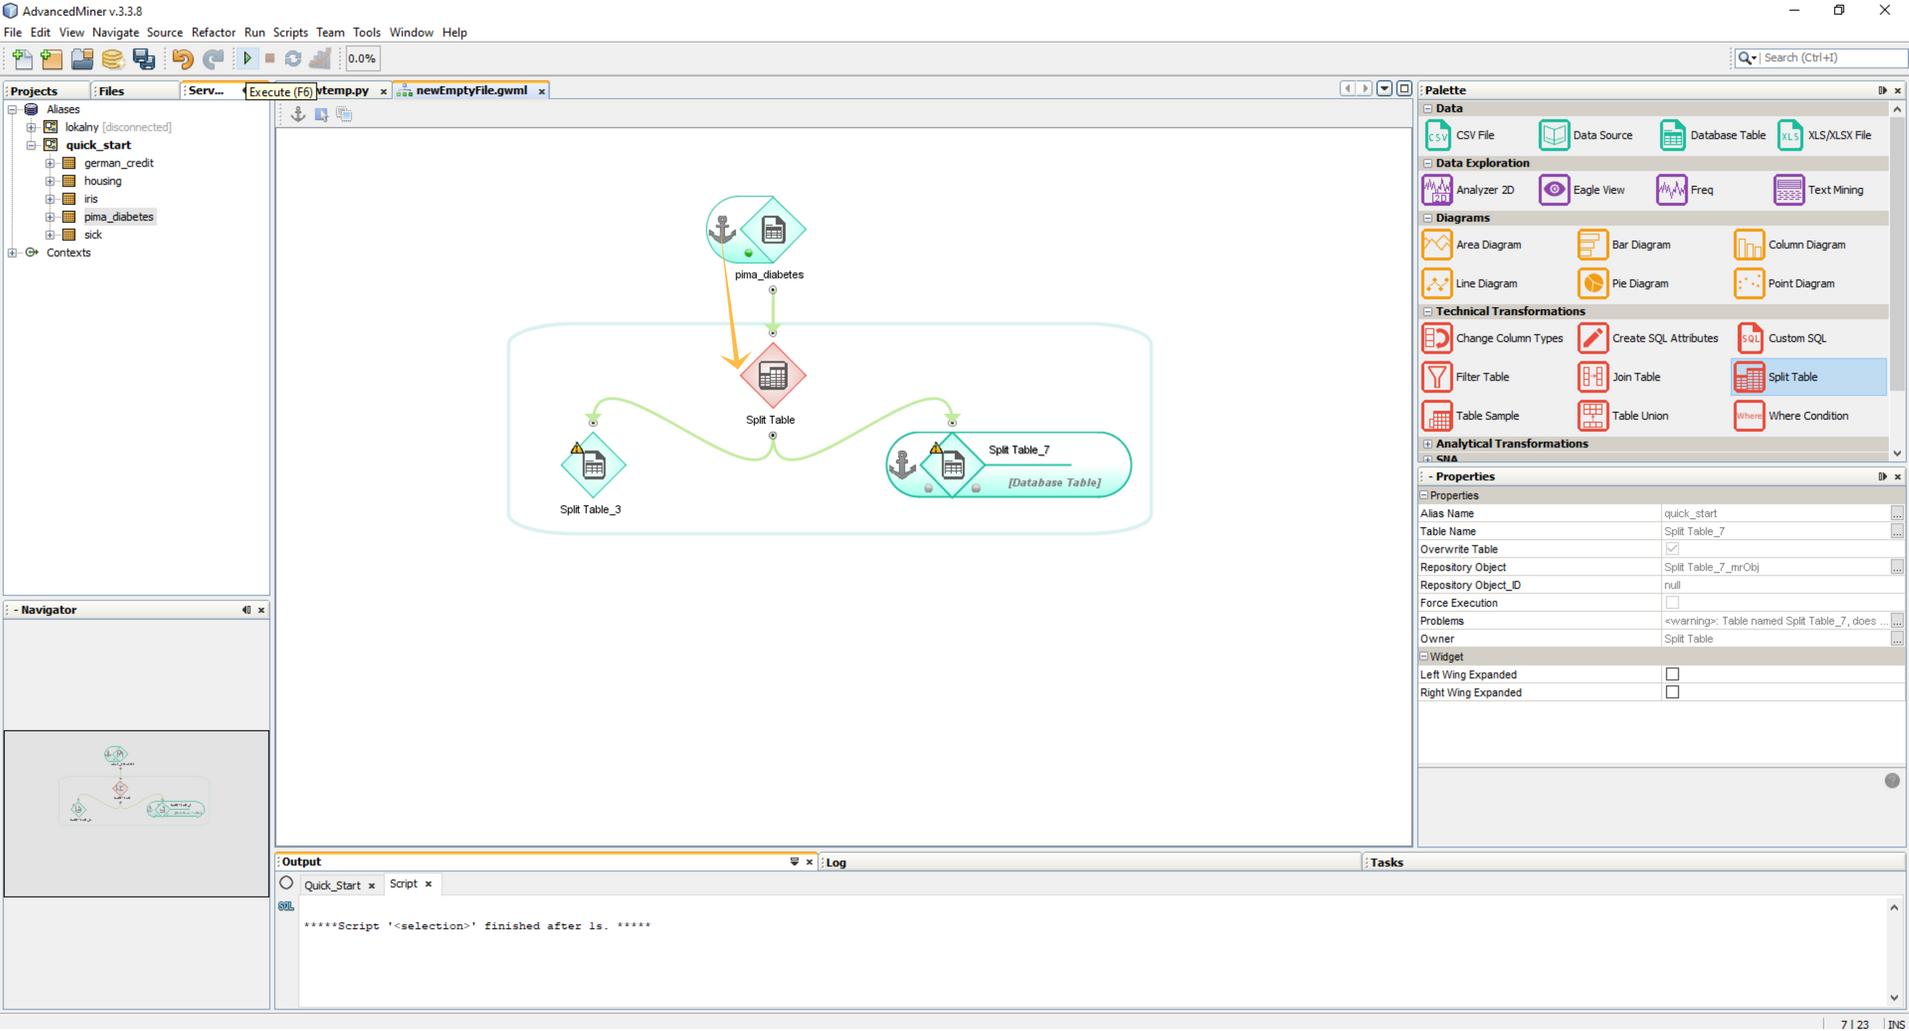 Budowanie modeli predykcyjnych w programie AdvancedMiner - 12